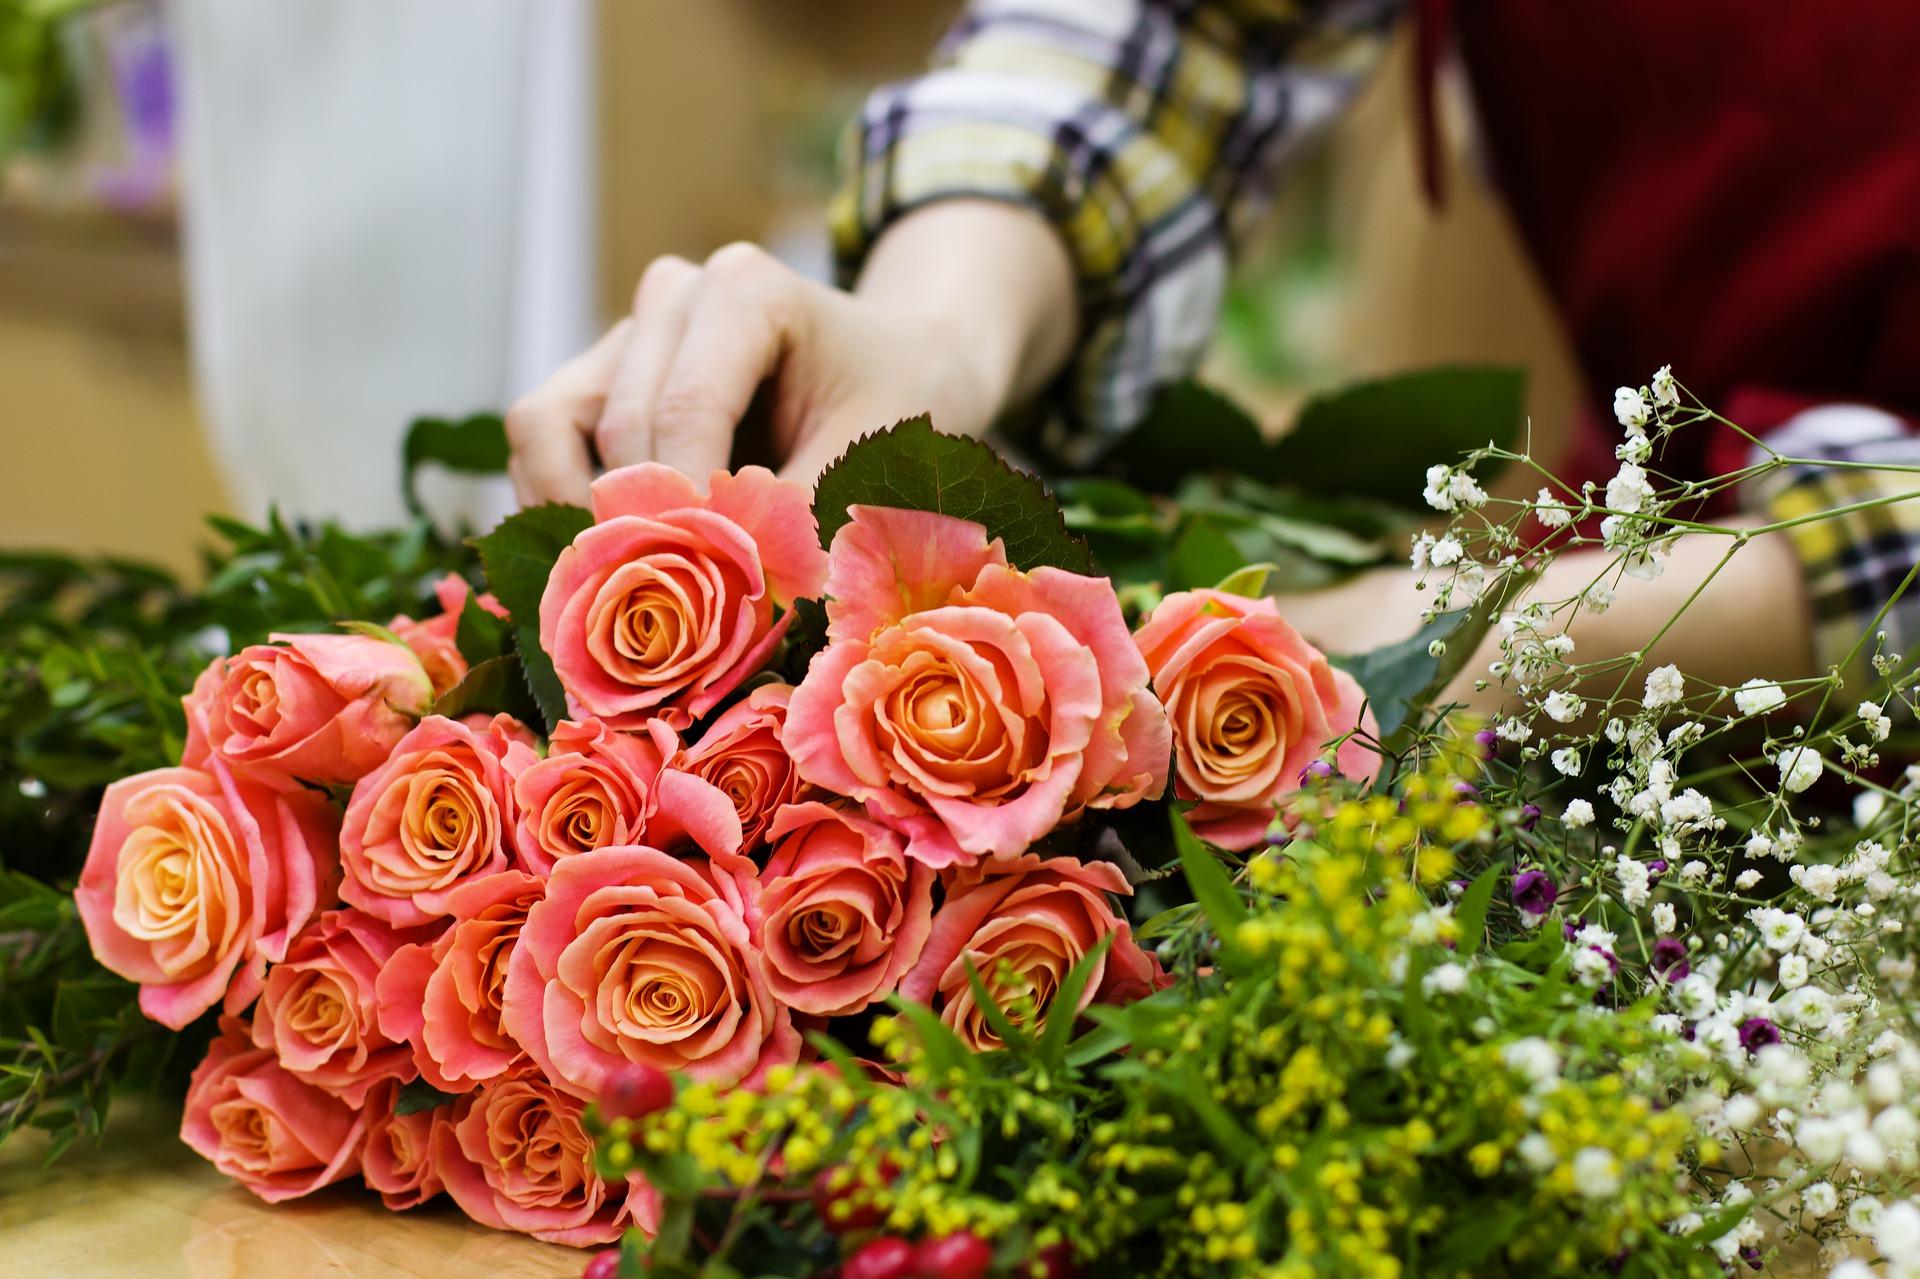 Открытка на 8 марта фото наилучшее качество продуктов и развивает, сестры милосердия